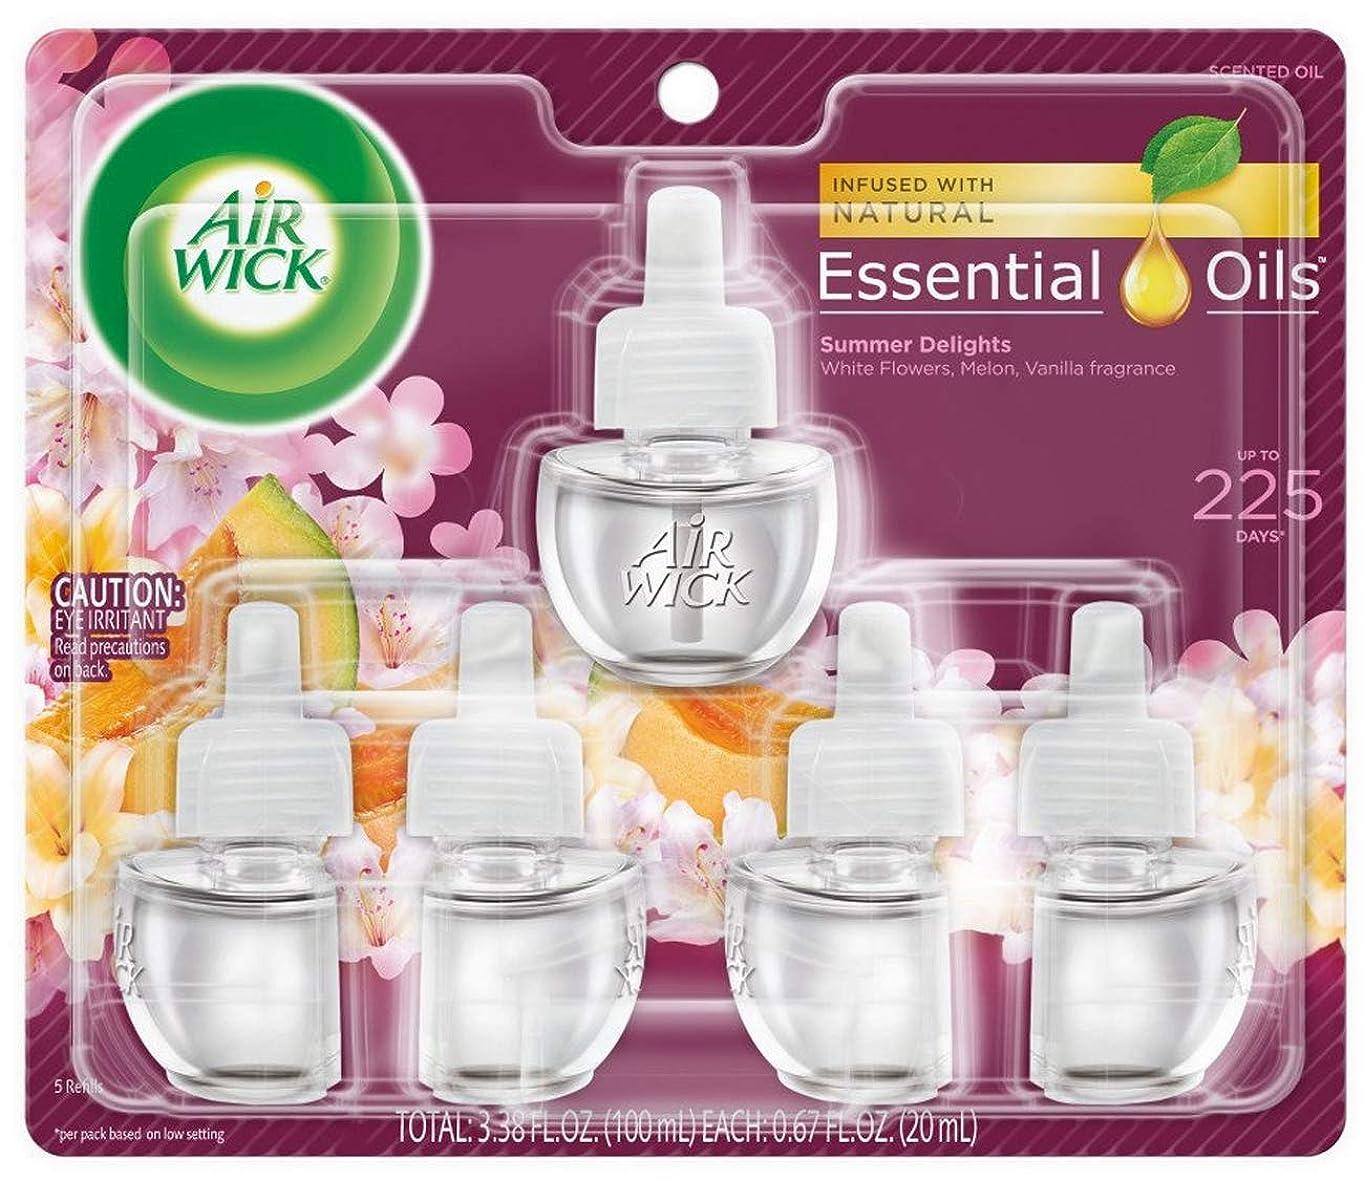 適合する調和教エアーウィック オイル プラグイン 詰替ボトル フレグランス 芳香剤 サマーデライト 20ml 5個セット Air Wick 海外直送